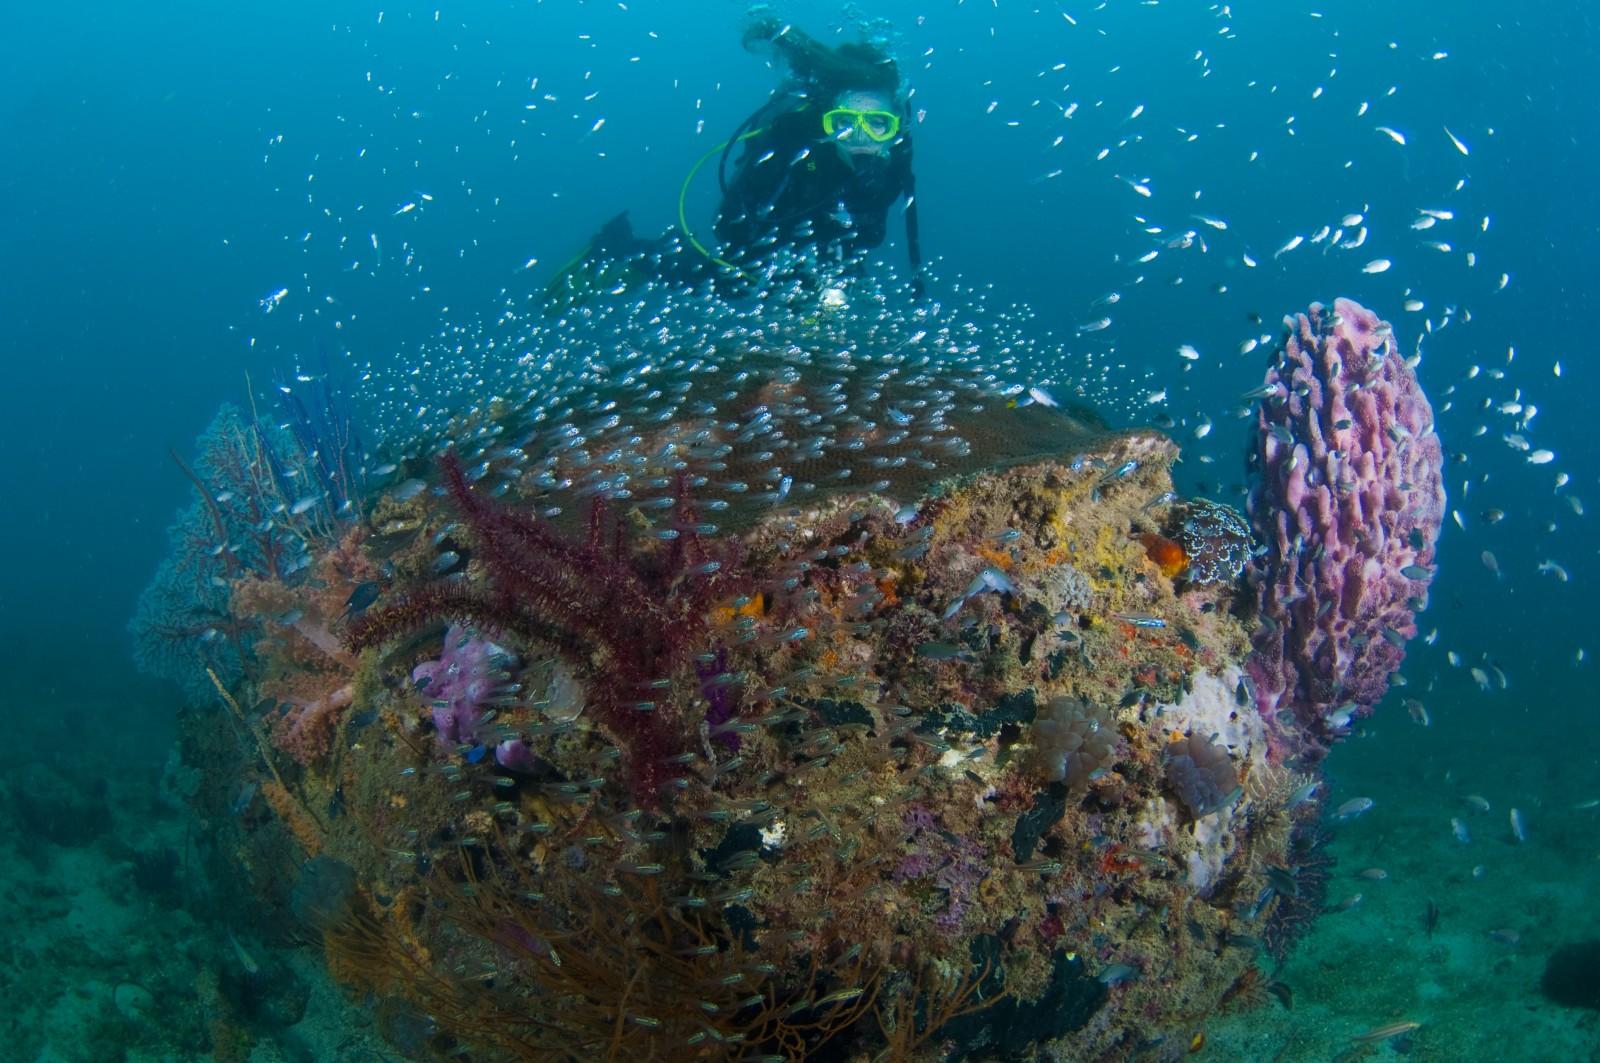 diving-at-tunku-abdul-rahman-marine-park-jpg.jpg